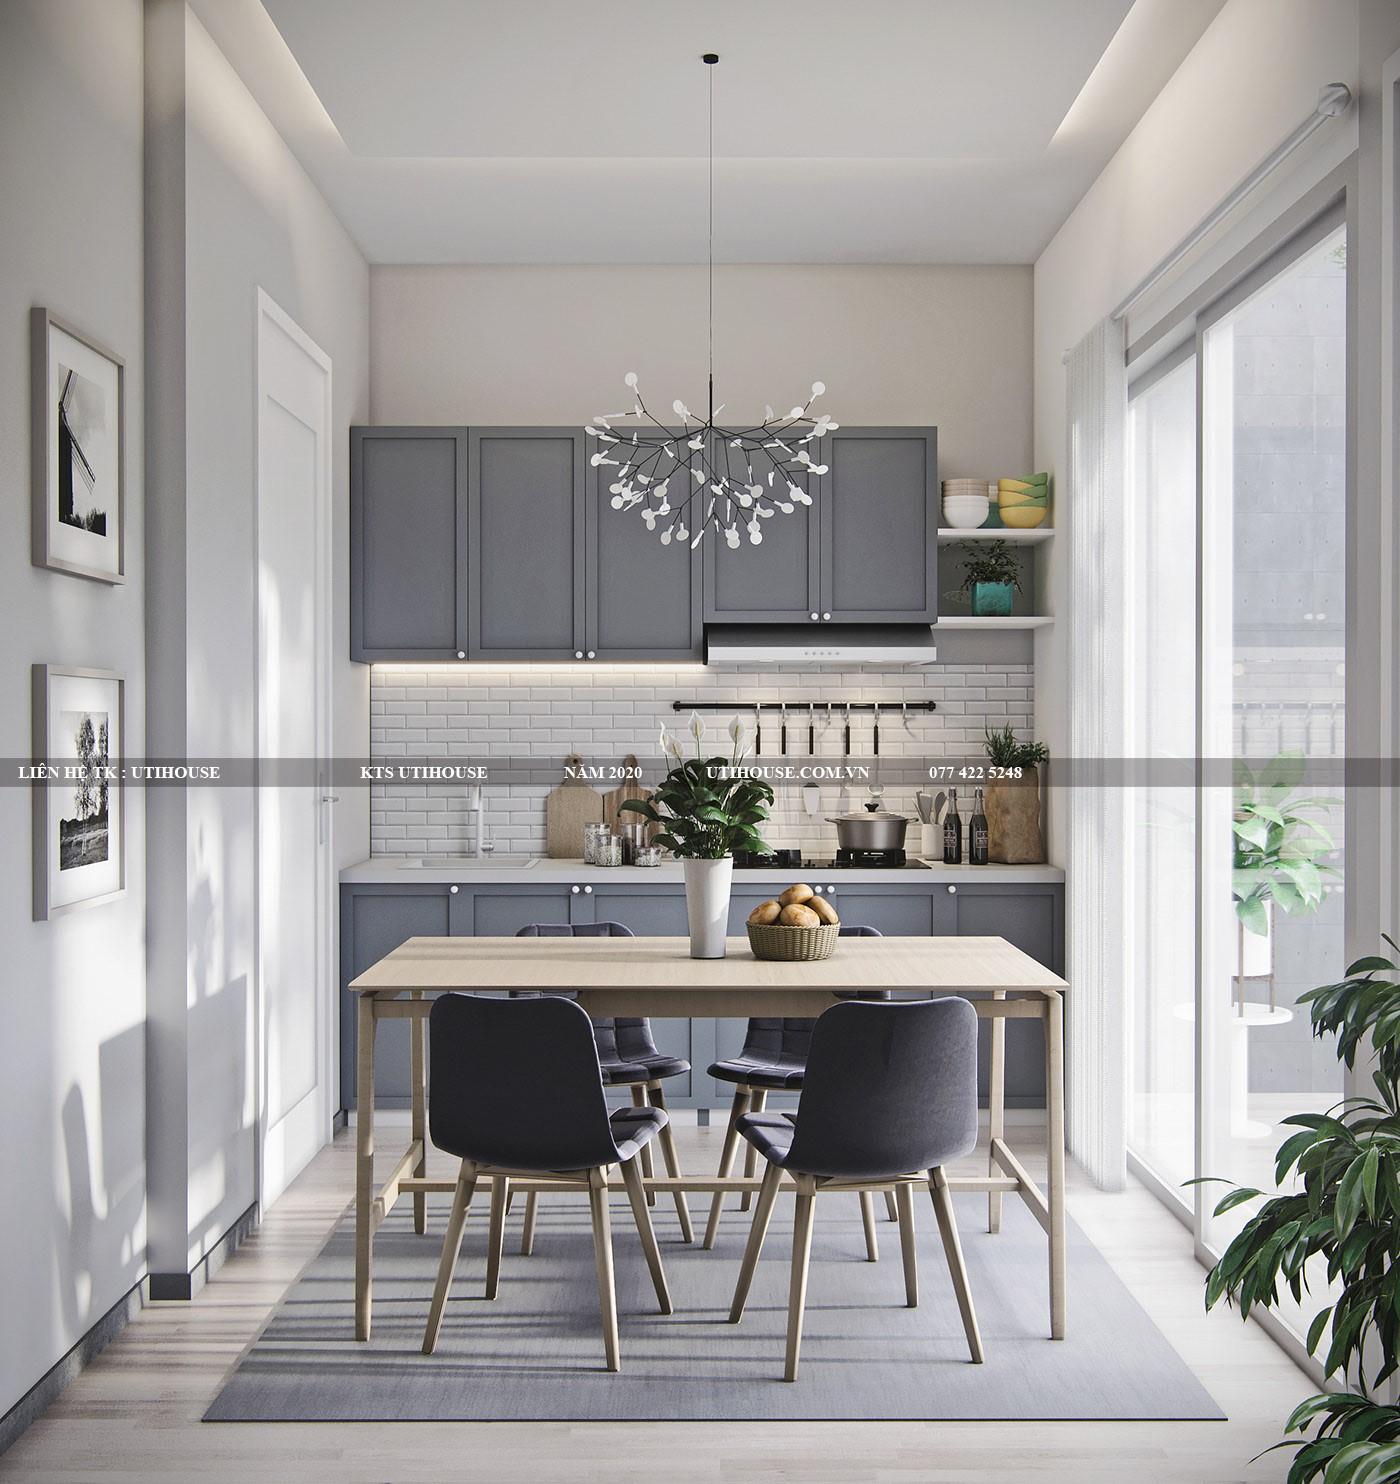 """Thiết kế nội thất nhà phố đẹp bằng cách sử dụng chất liệu """"xanh"""""""